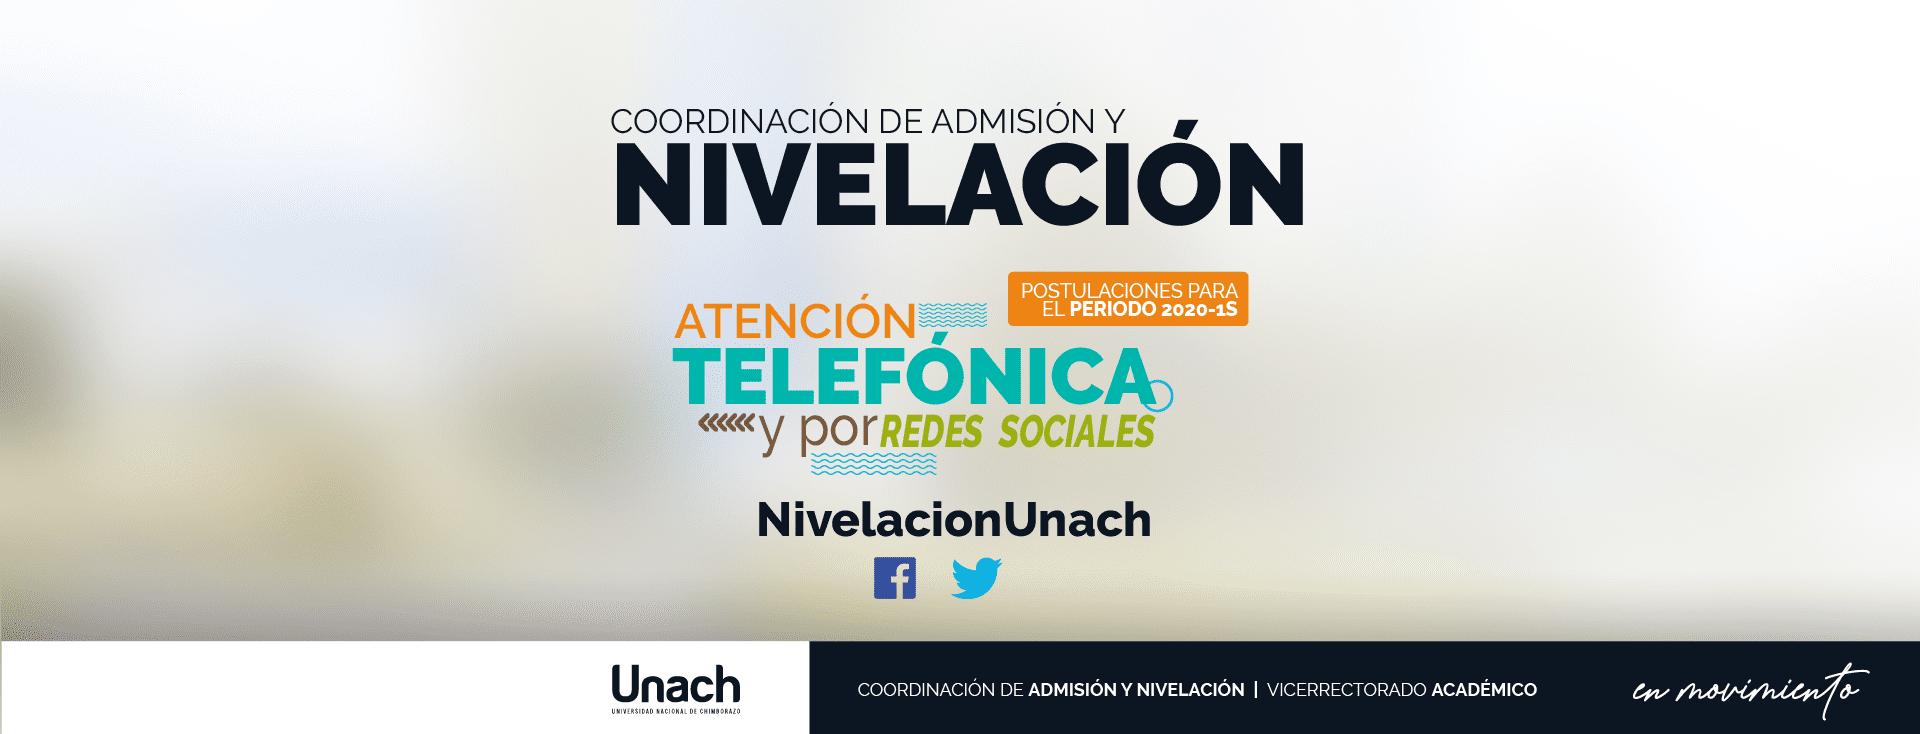 ATENCIÓN TELEFÓNICA PARA POSTULACIONES